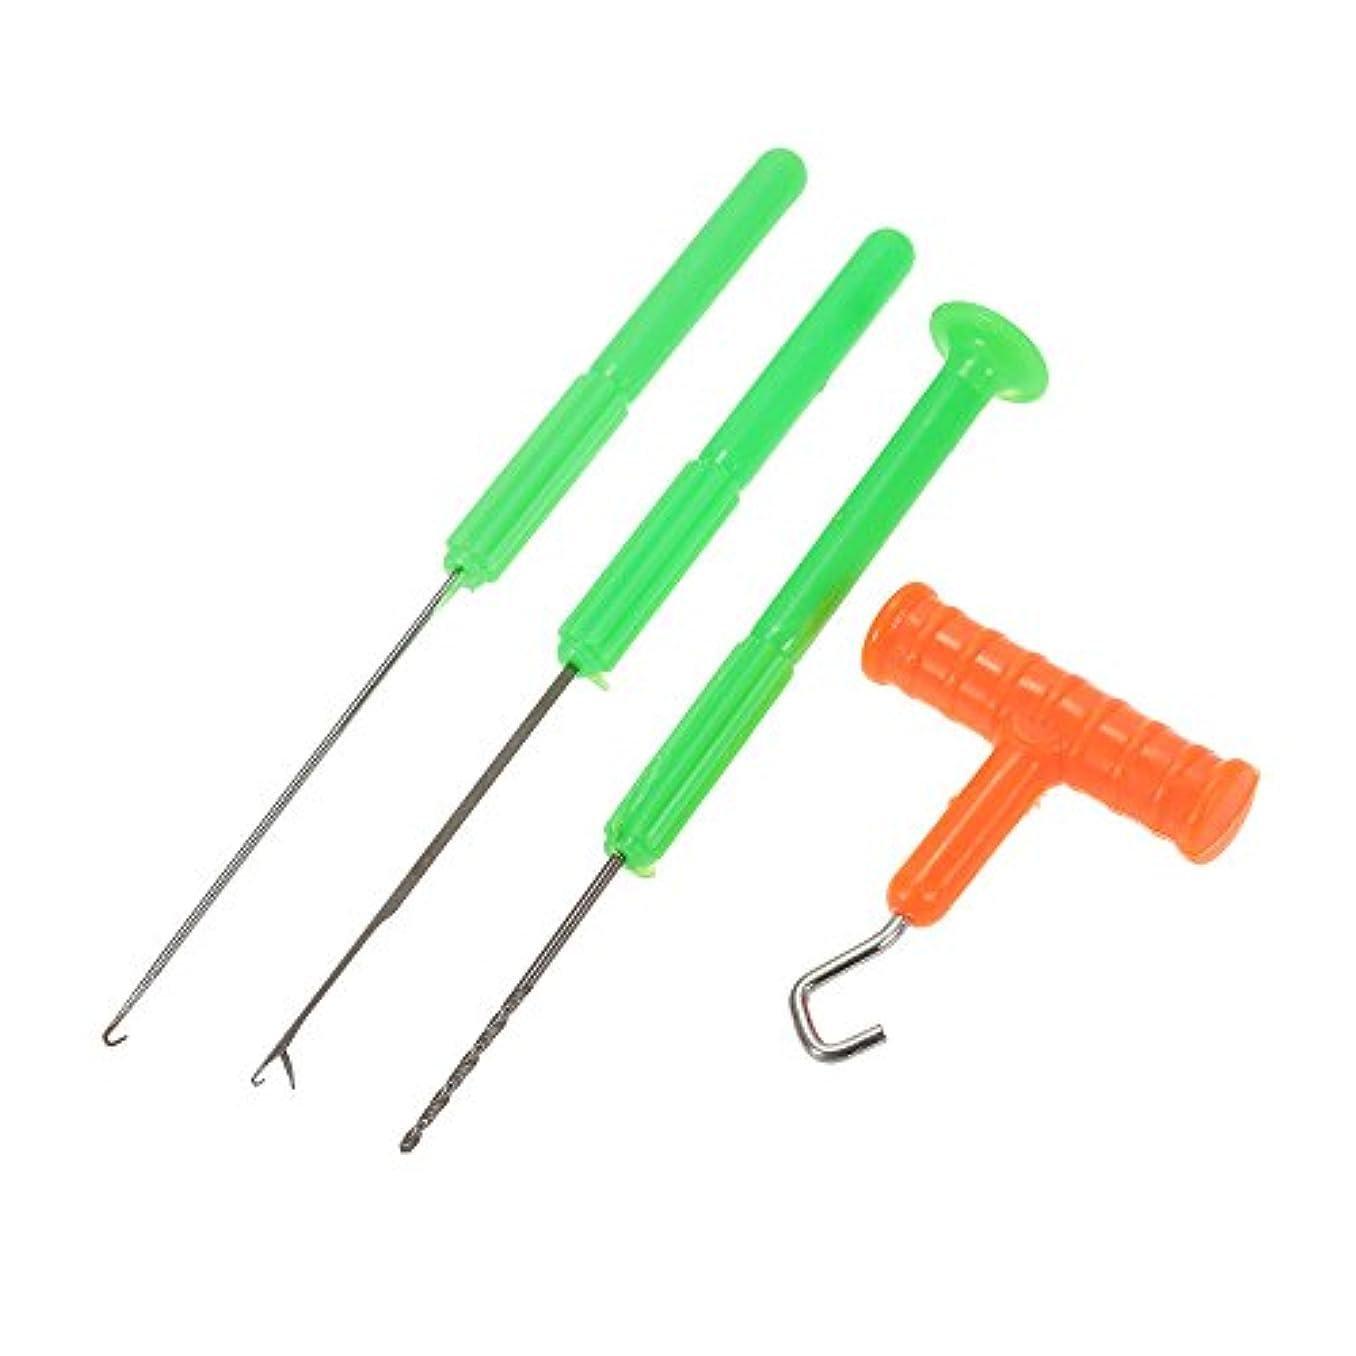 山岳規範教師の日1つの釣餌の装備の用具セットに付き4つの餌の針のドリルの結び目の引き手の縦桁および掘削機